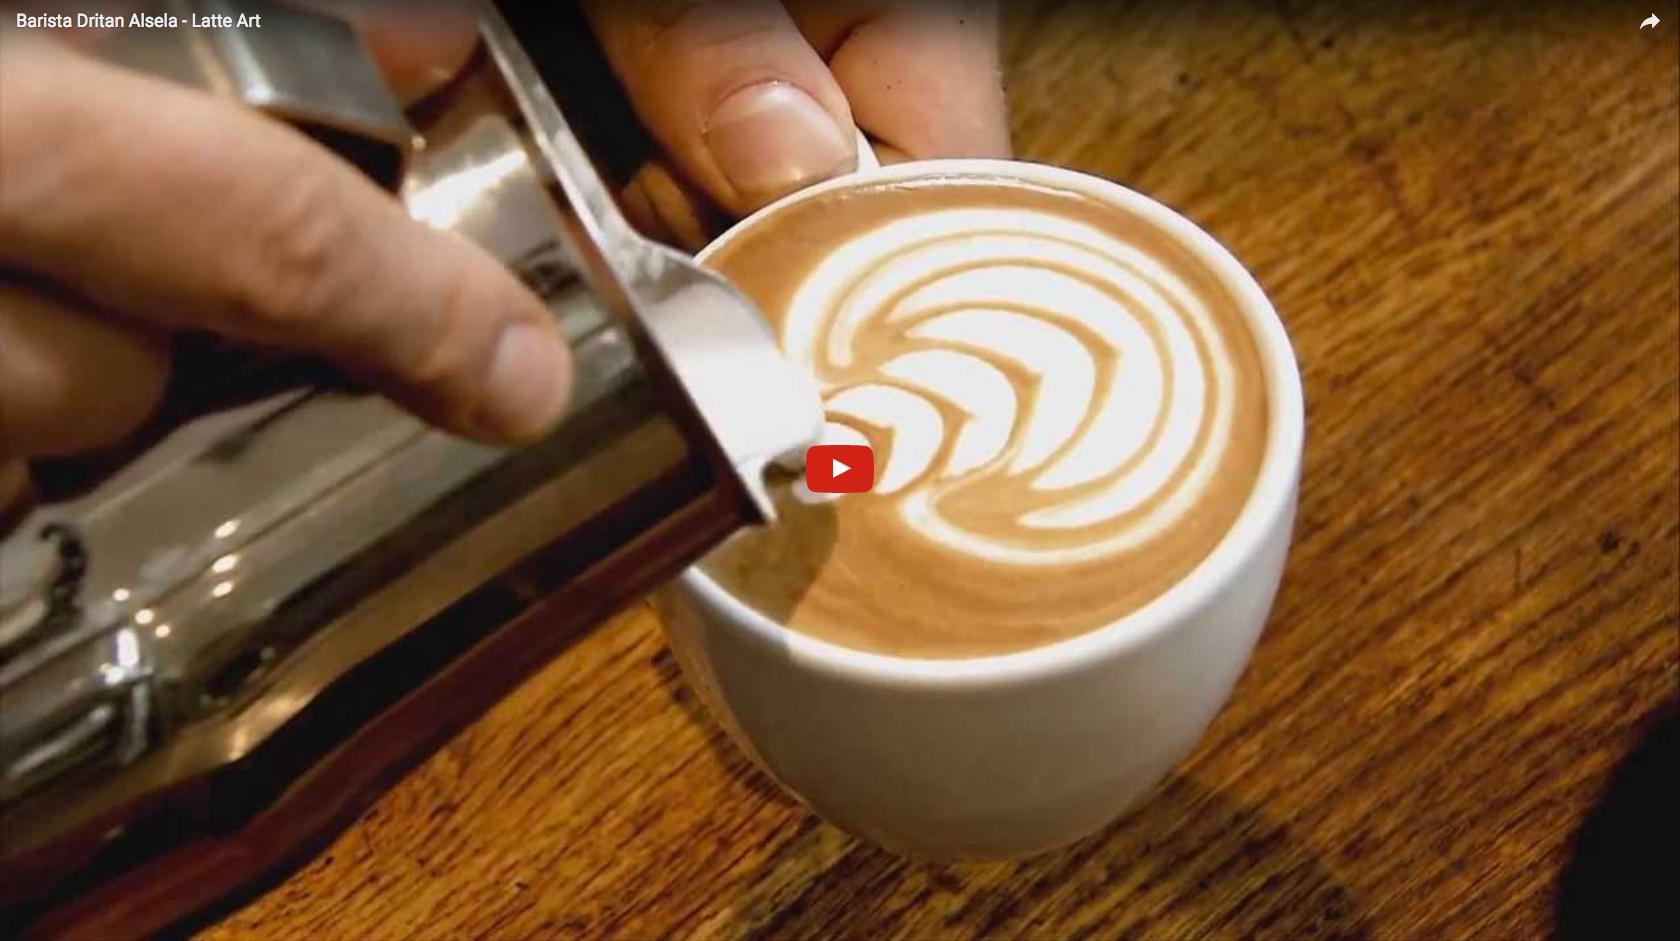 Hoe maak je mooie latte art